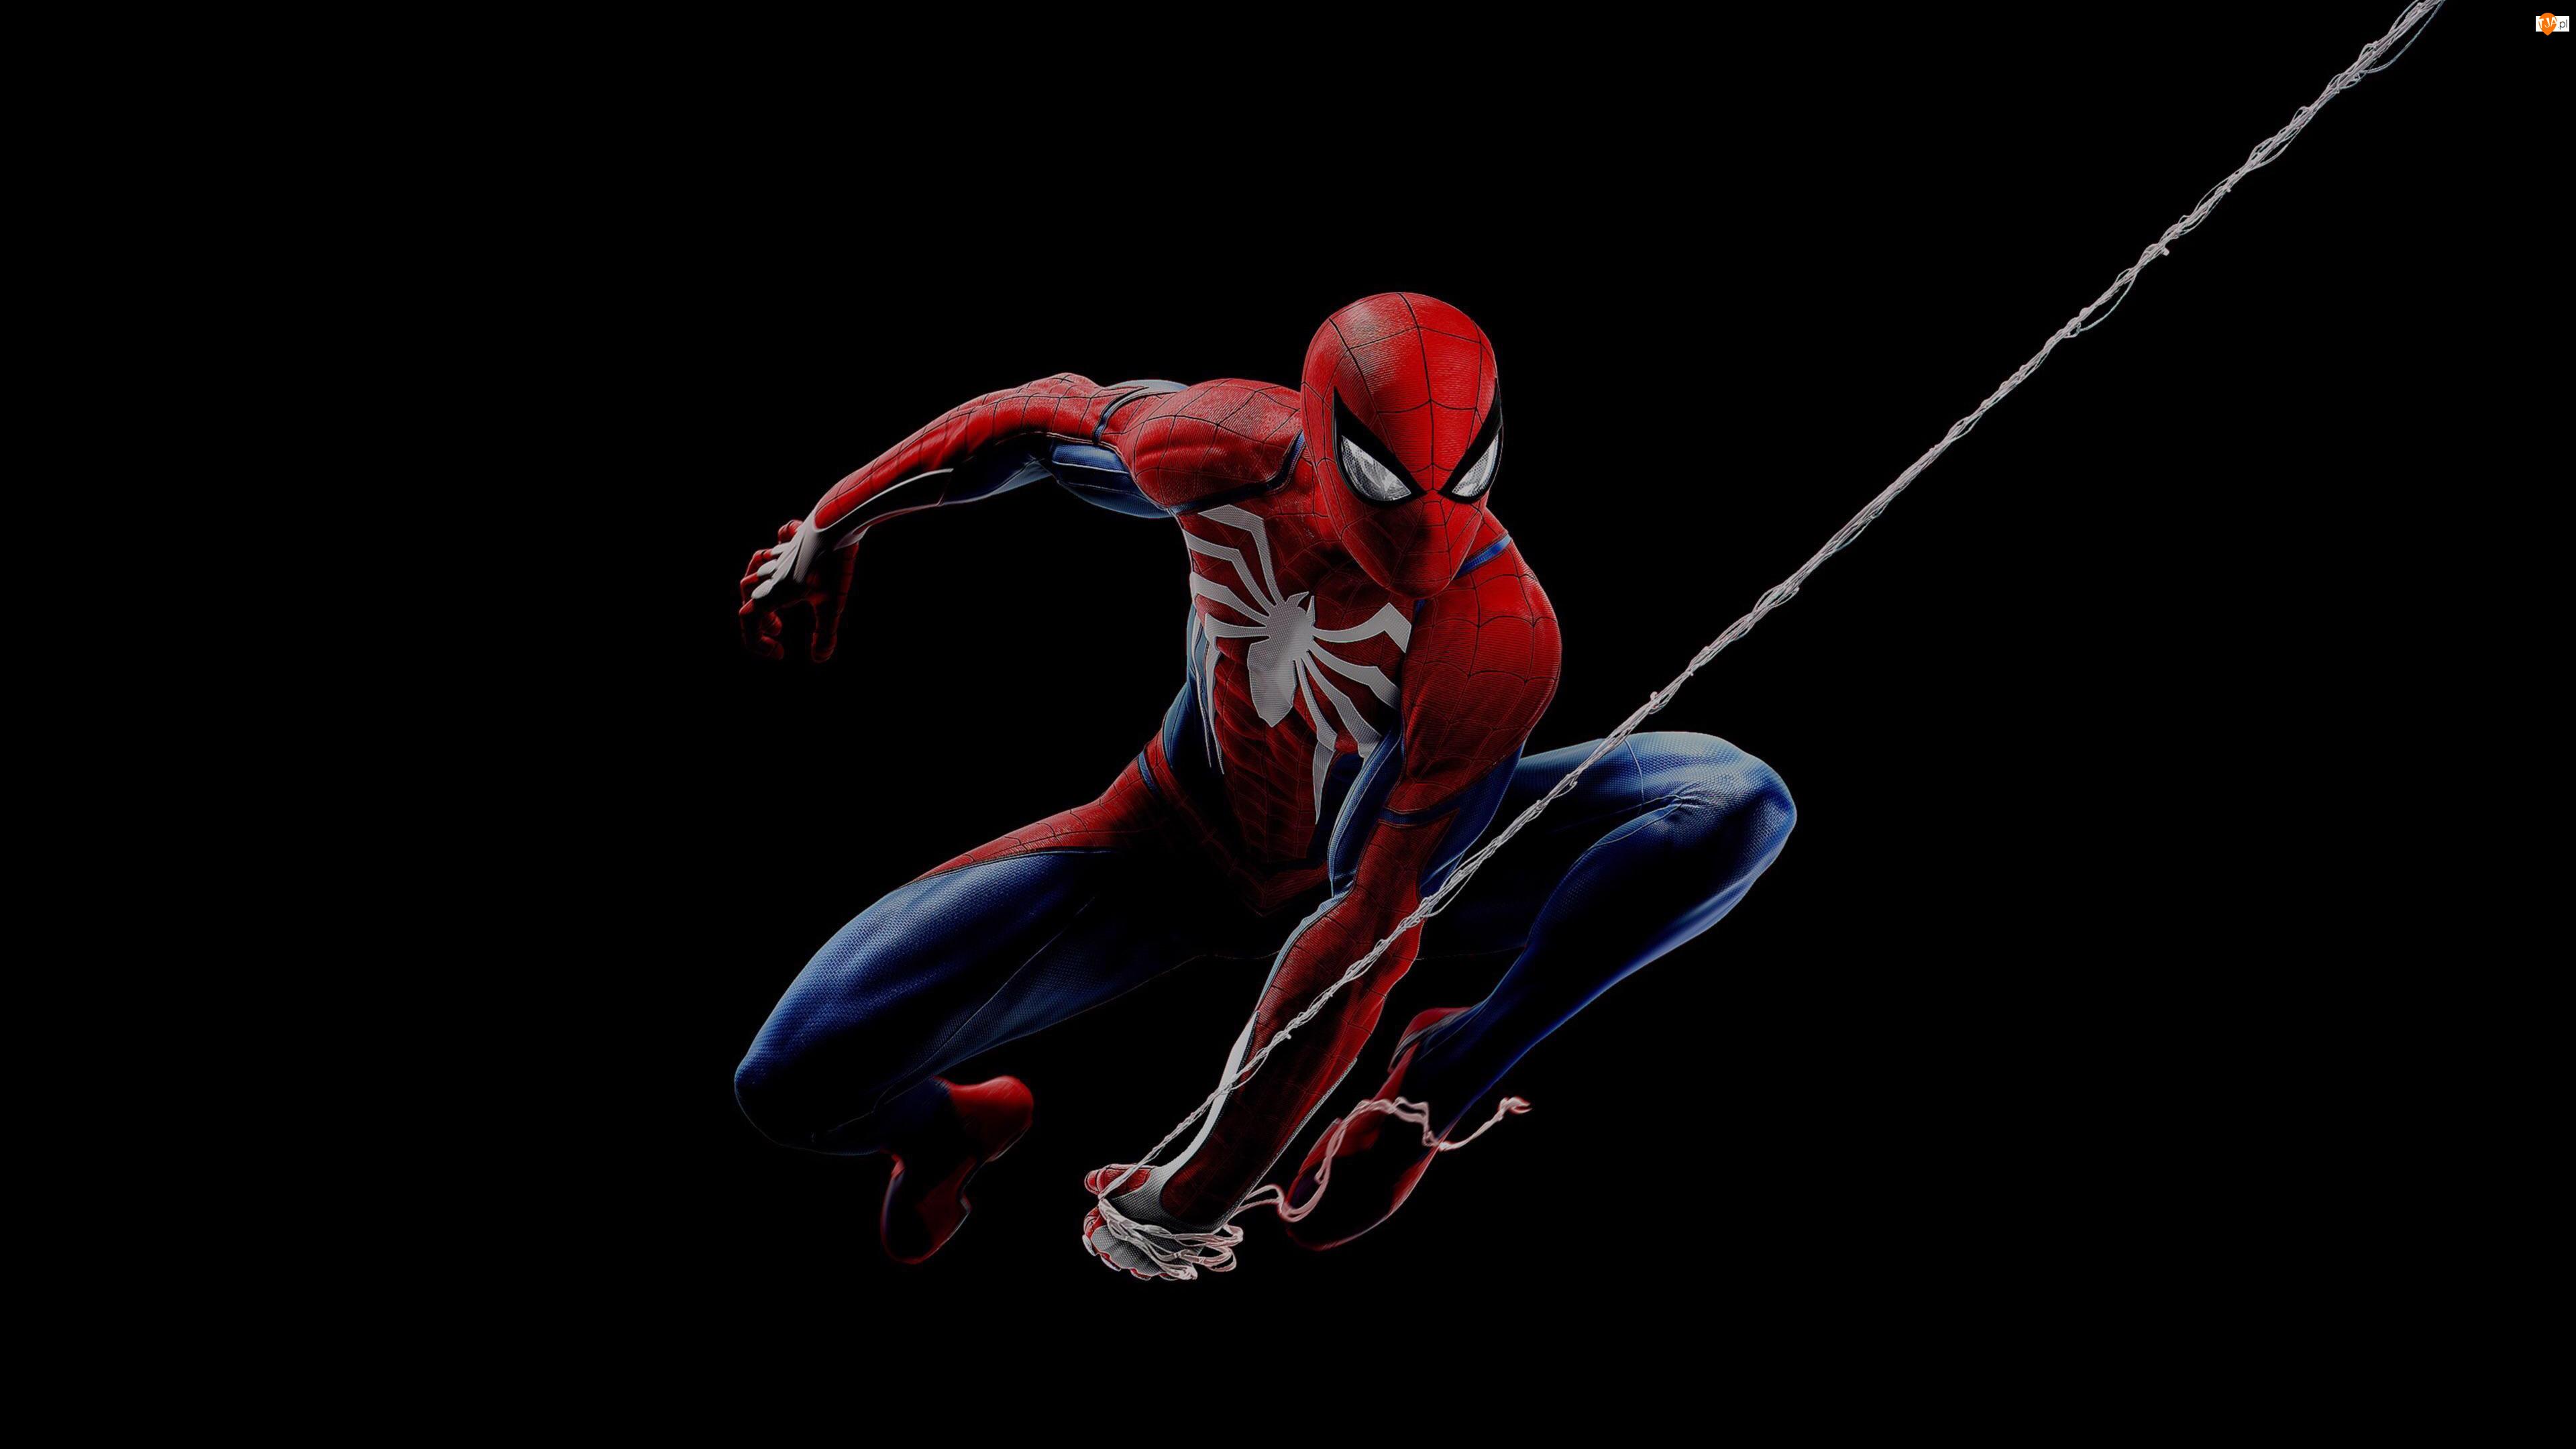 Tło, Film animowany, Spiderman, Czarne